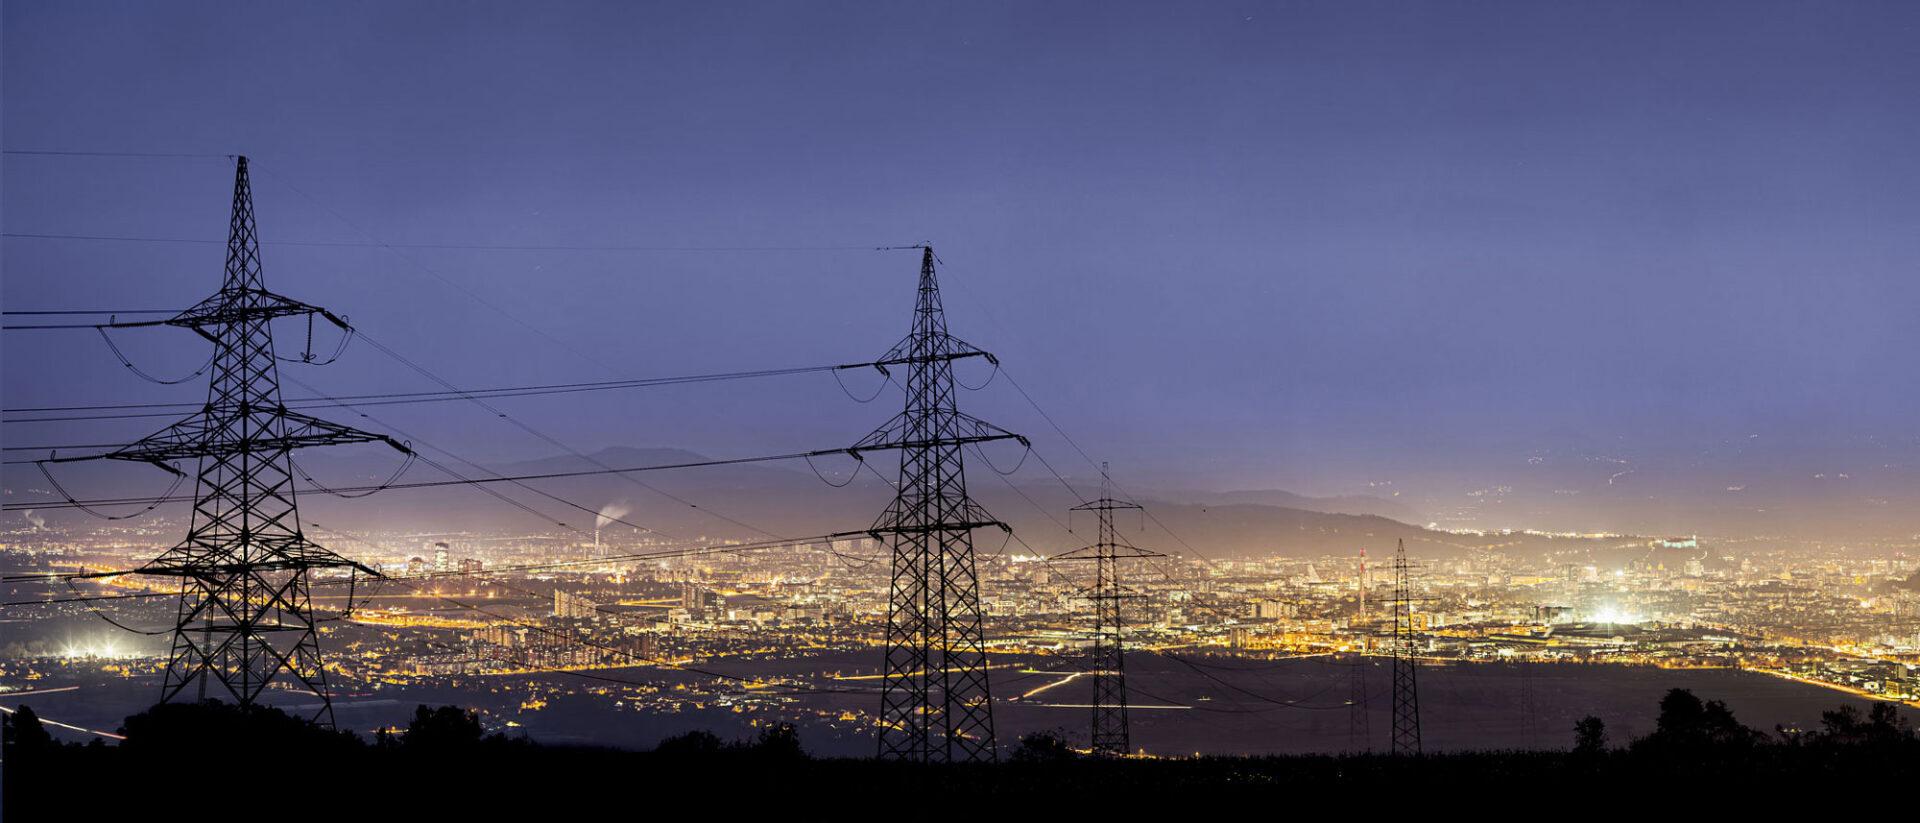 Når hver enkelt av oss bruker mye strøm på samme tidspunkt, gir det store utfordringer for driften av kraftnettet. Forskere i ZEN mener overgang til effektbaserte tariffer kan være løsningen.